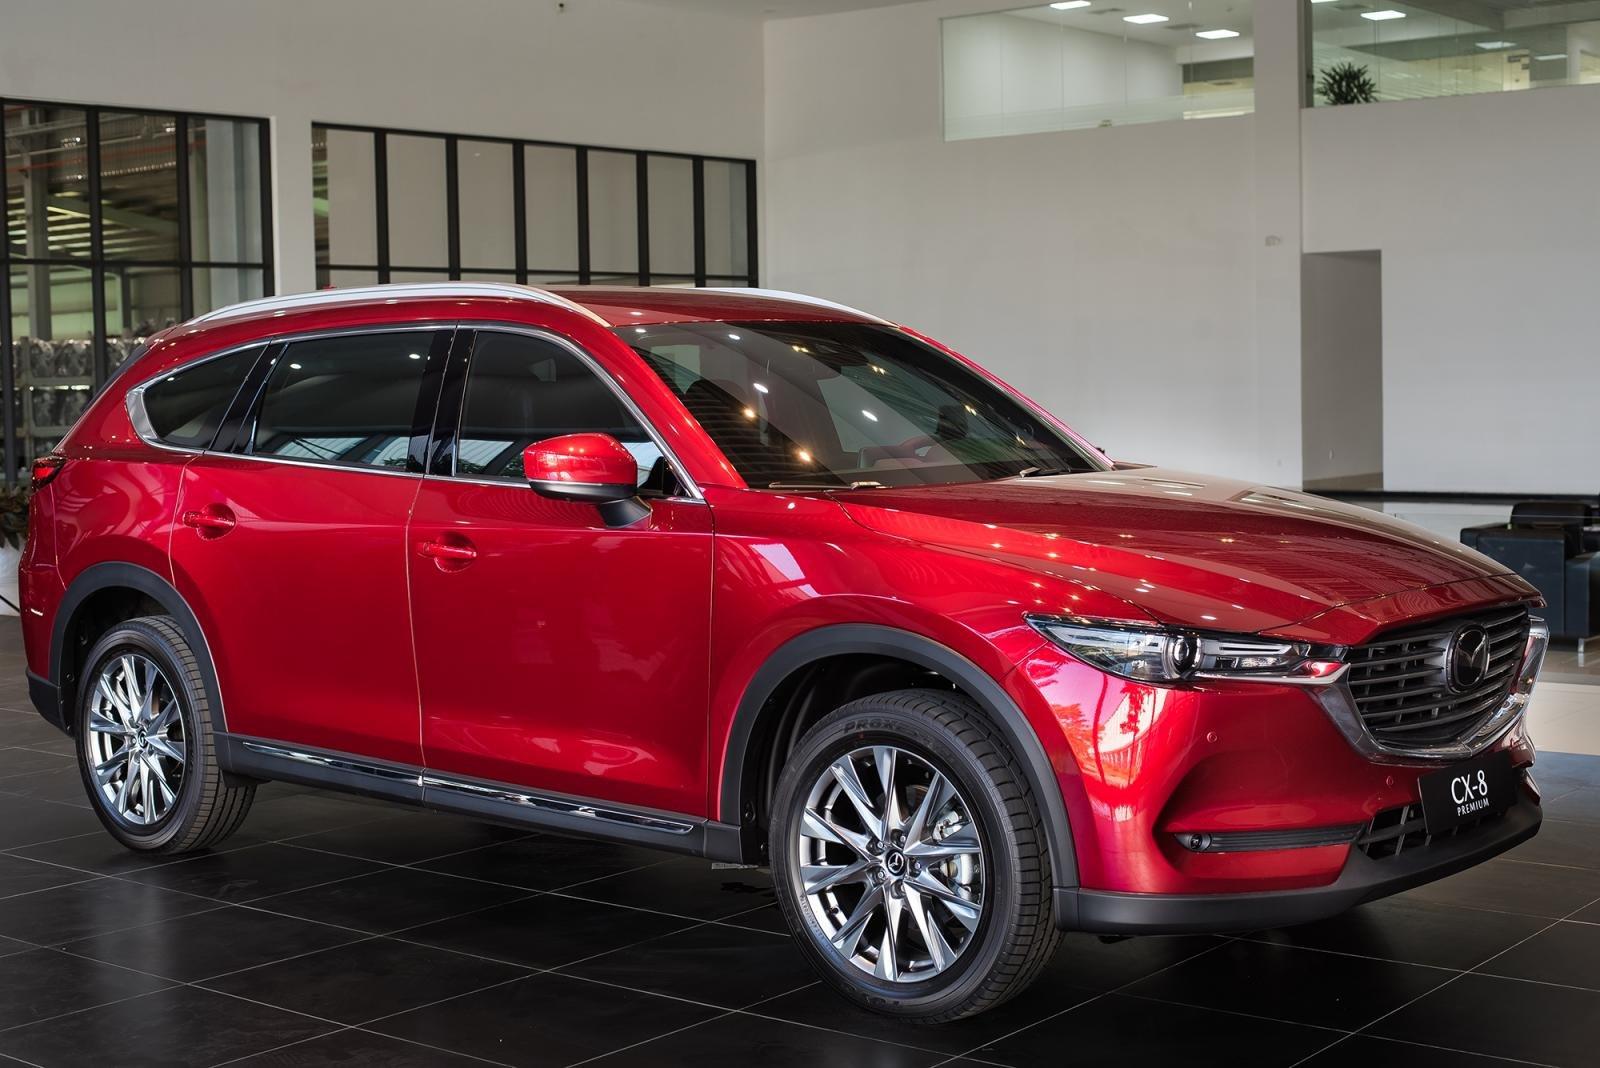 Bảng giá xe ô tô Mazda tháng 9/2021: Ra mắt phiên bản mới BT-50, giá khởi điểm 659 triệu đồng - Ảnh 1.